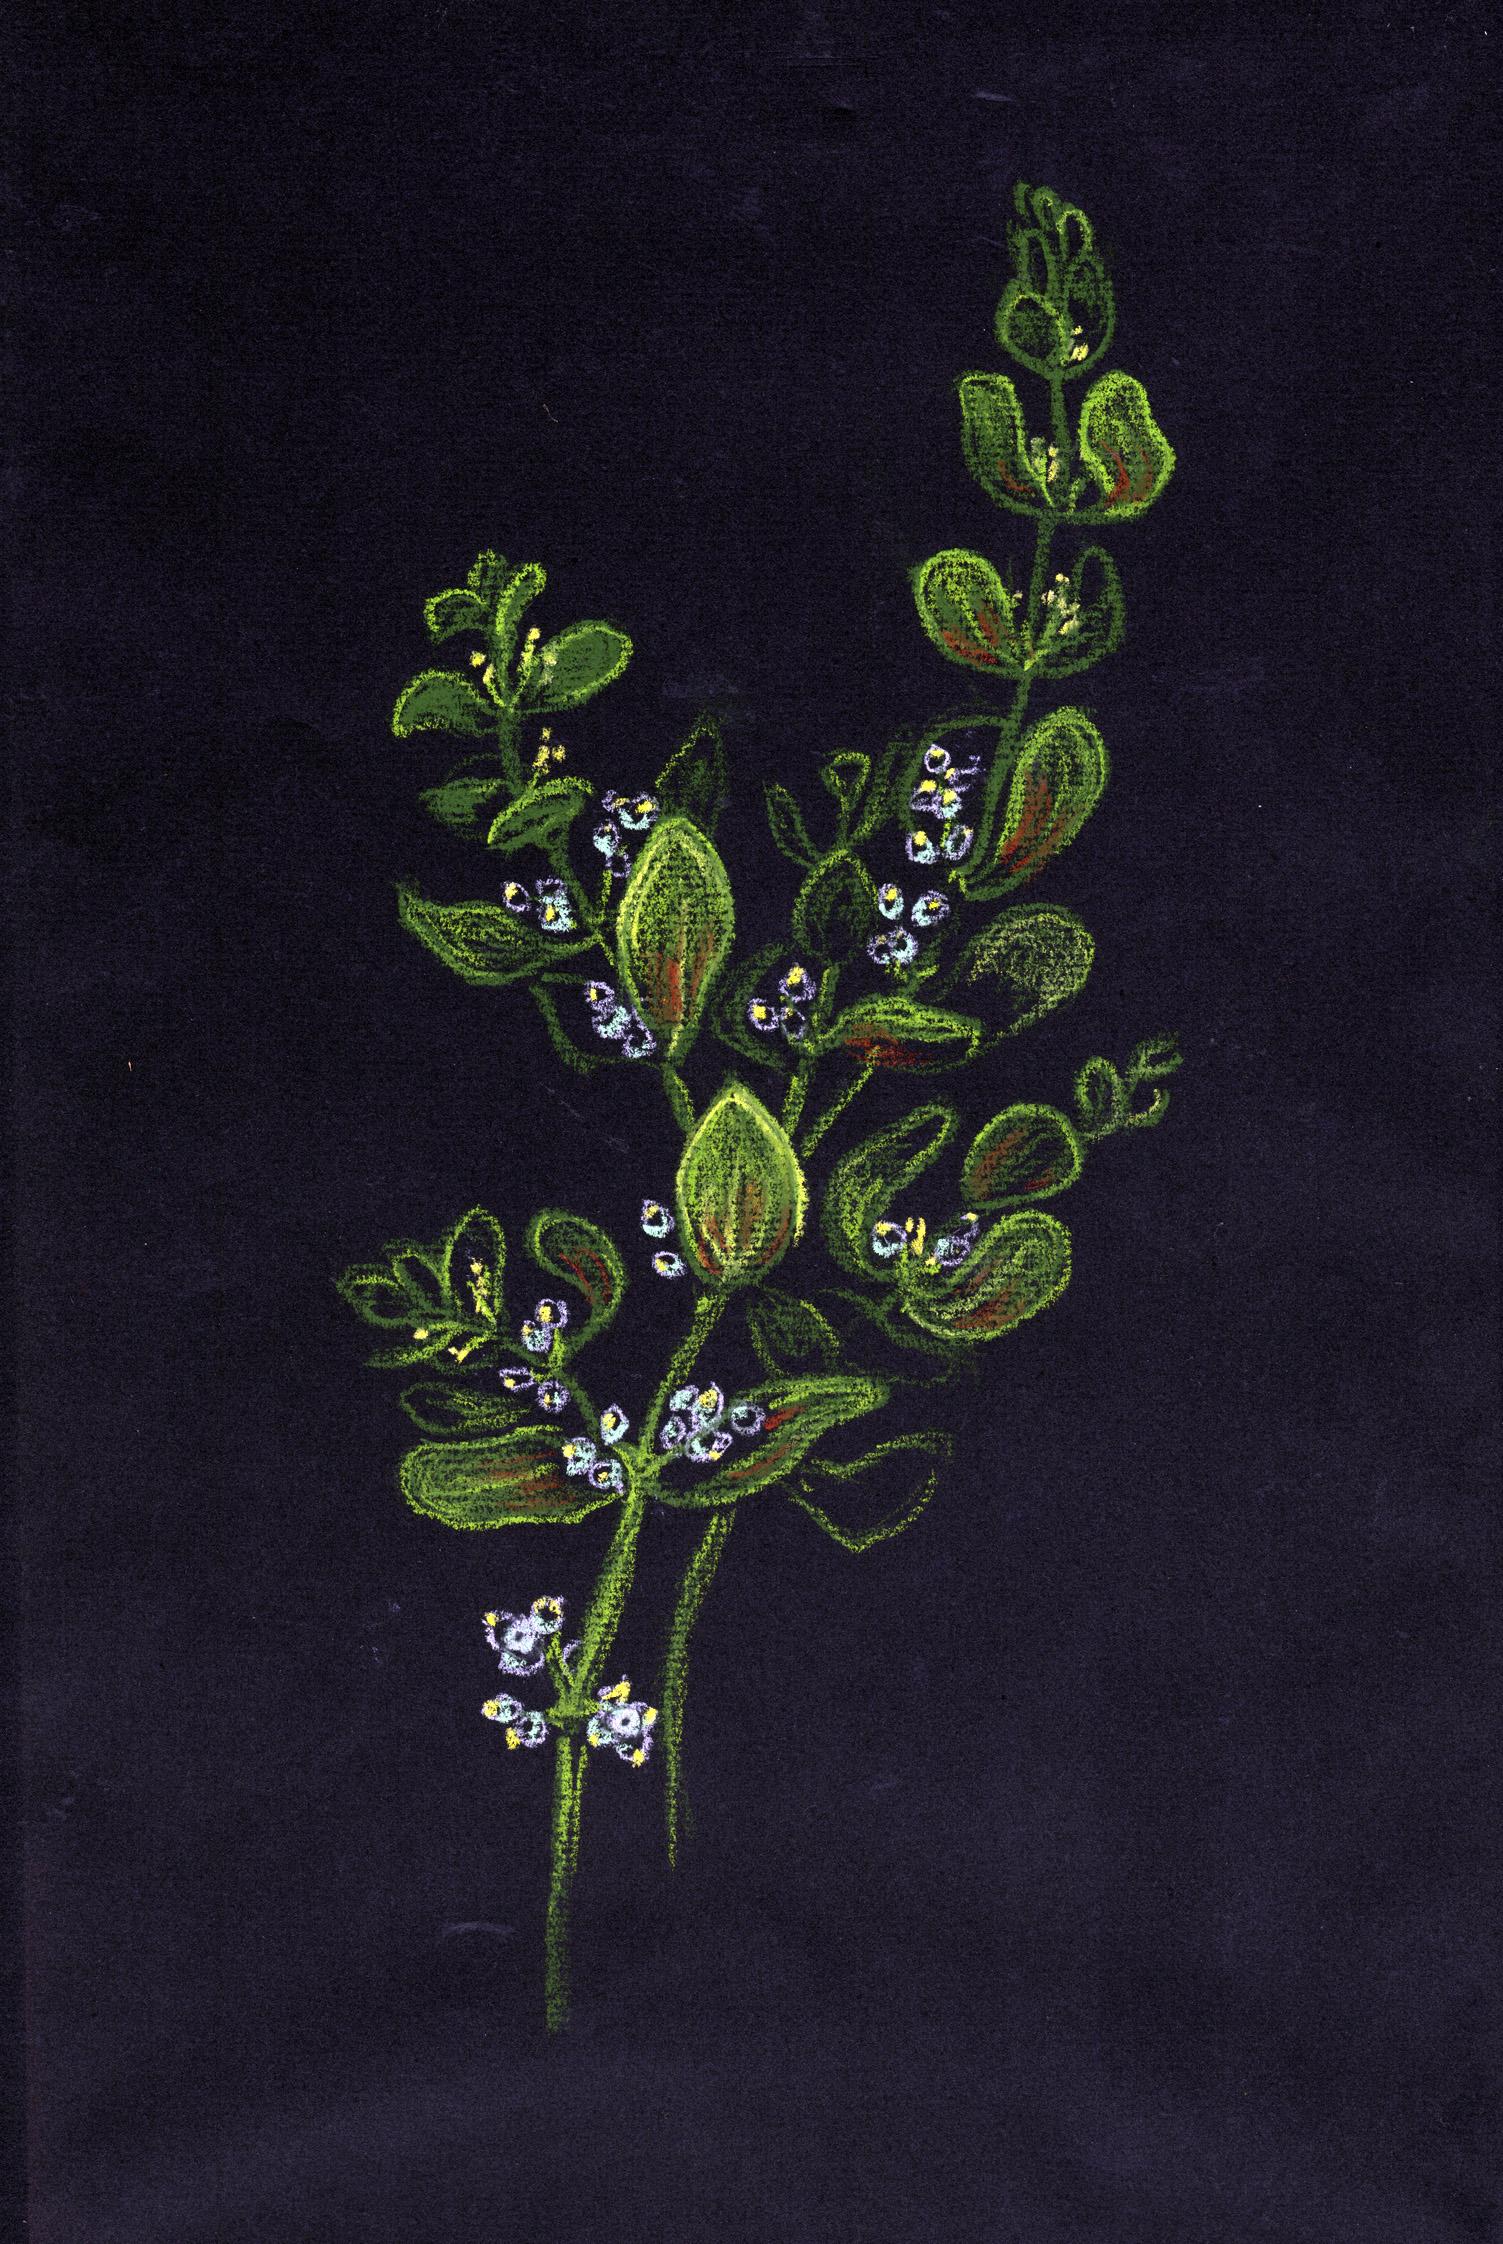 Bigleaf Mistletoe (Phorodendron sp.)